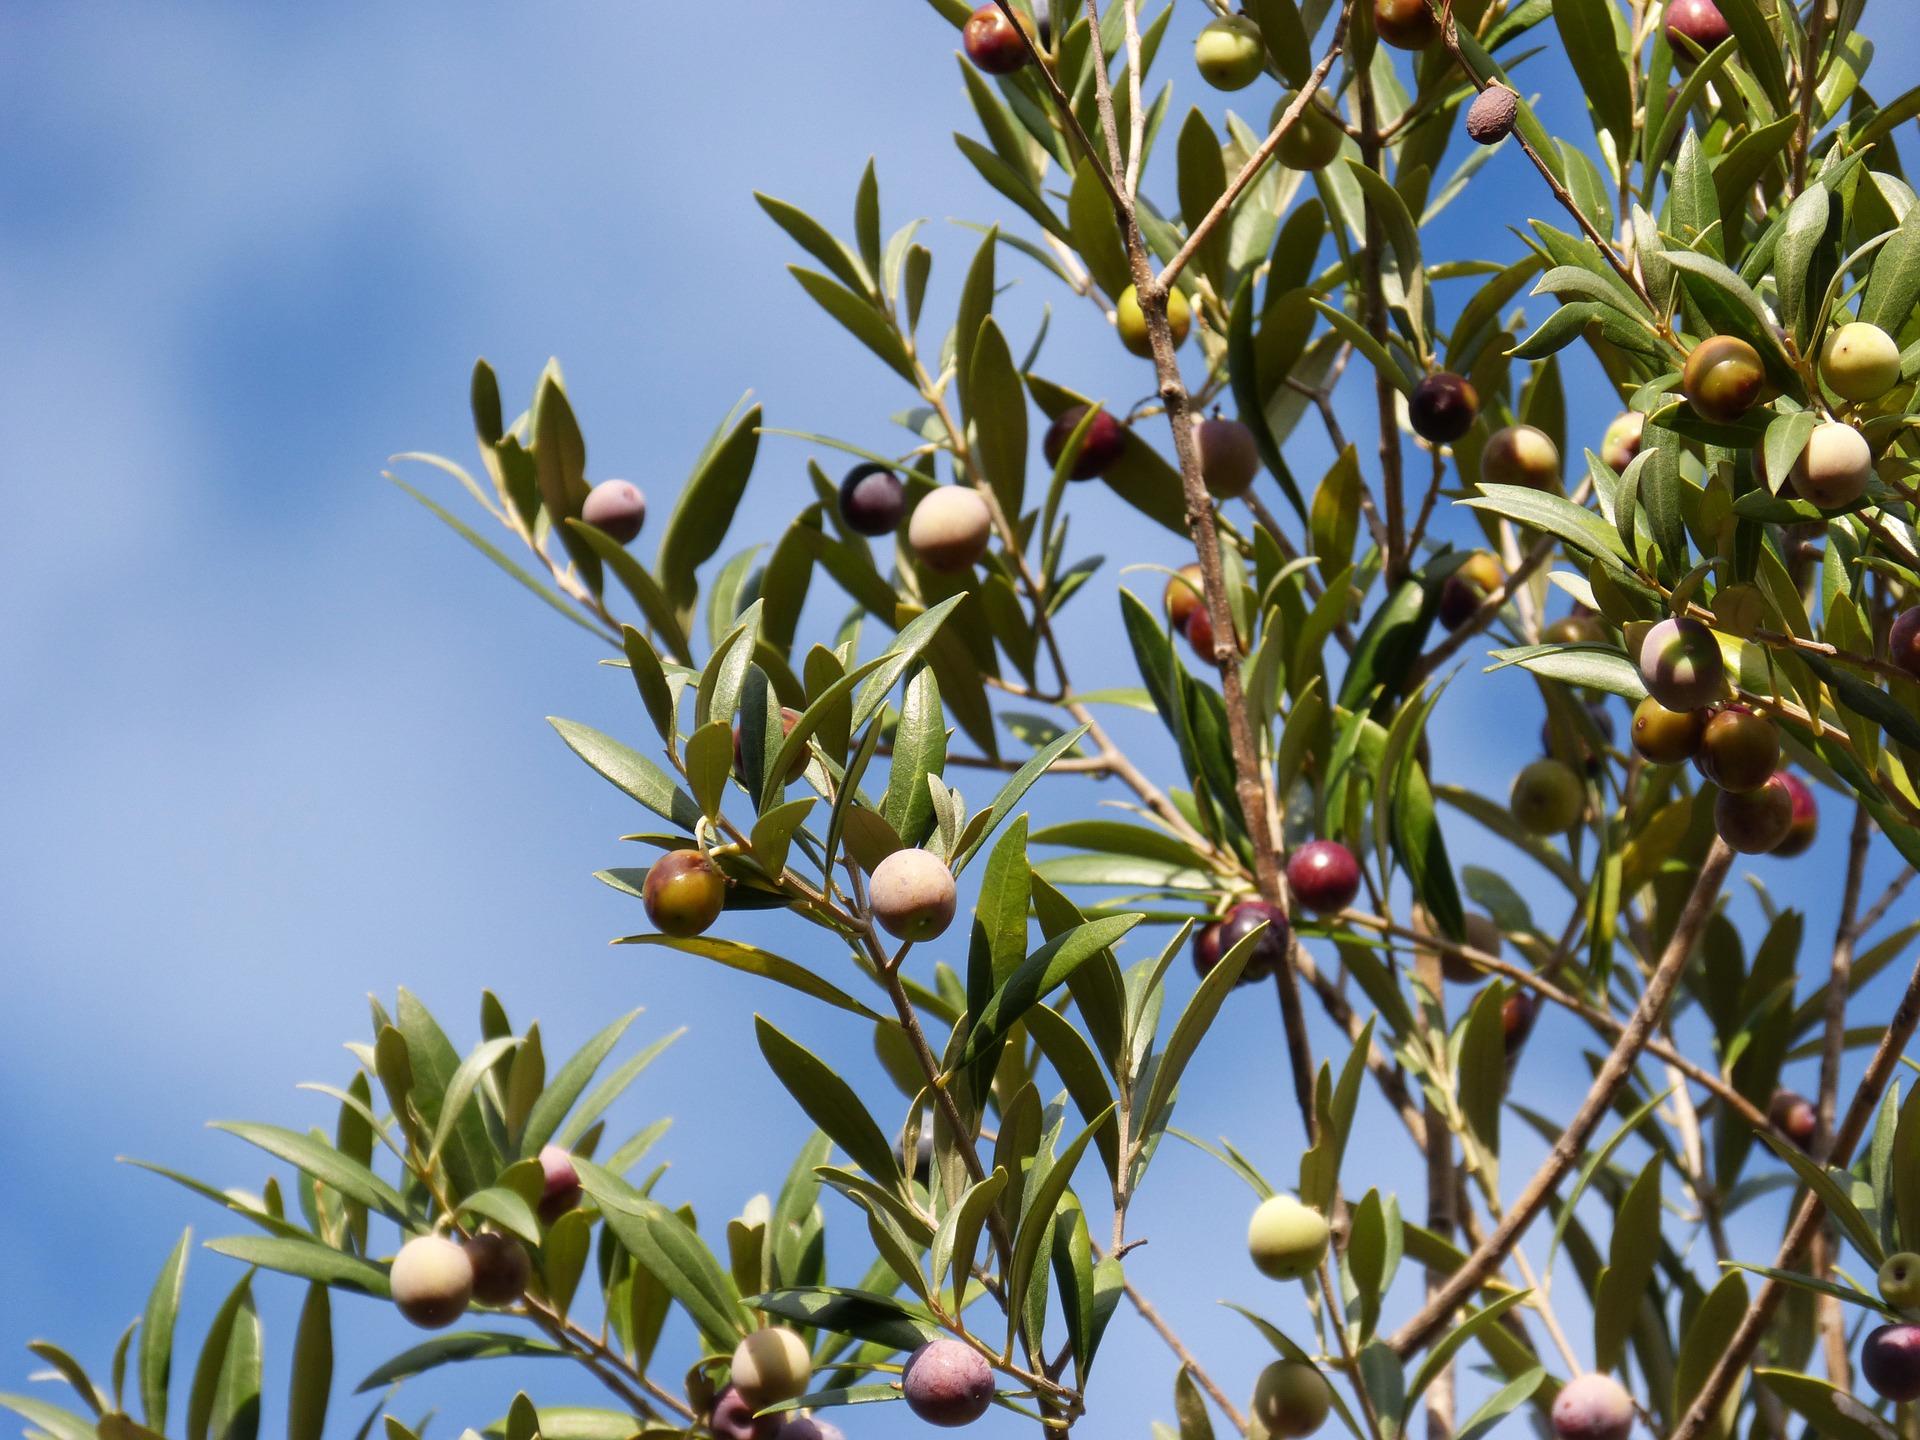 Hoe olijfboom snoeien en verzorgen?